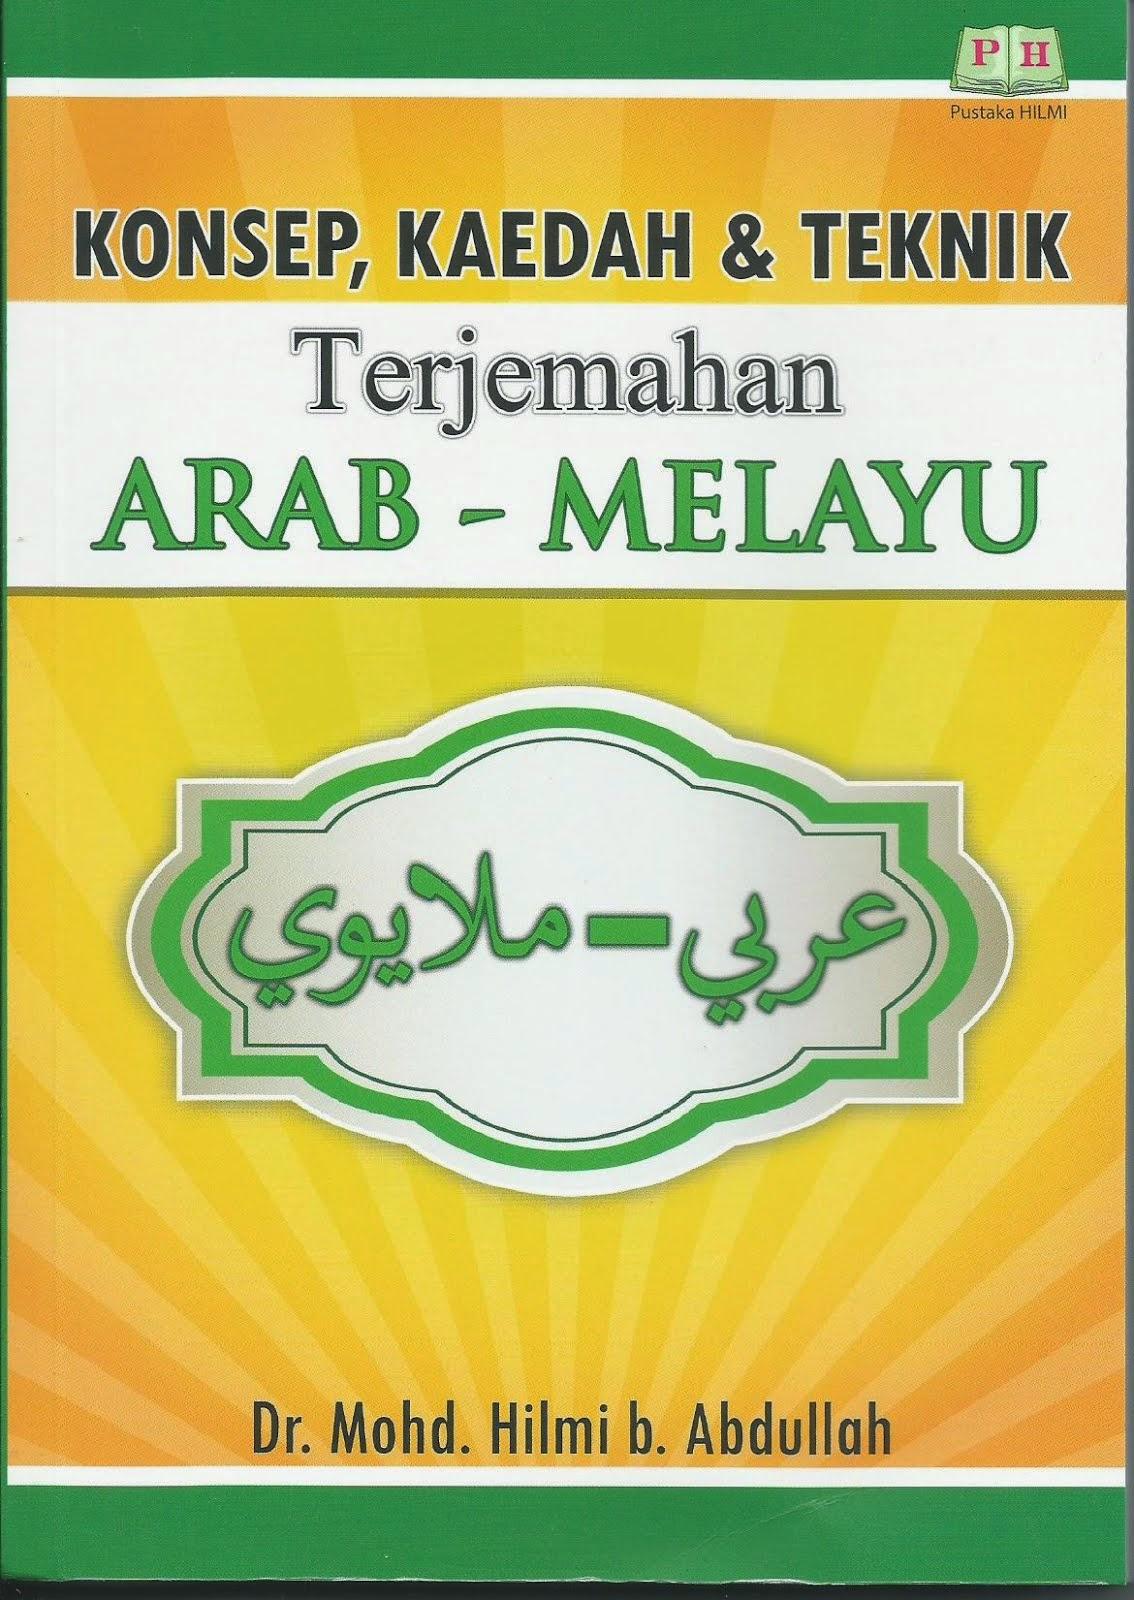 Konsep, Kaedah & Teknik Terjemahan Arab - Melayu